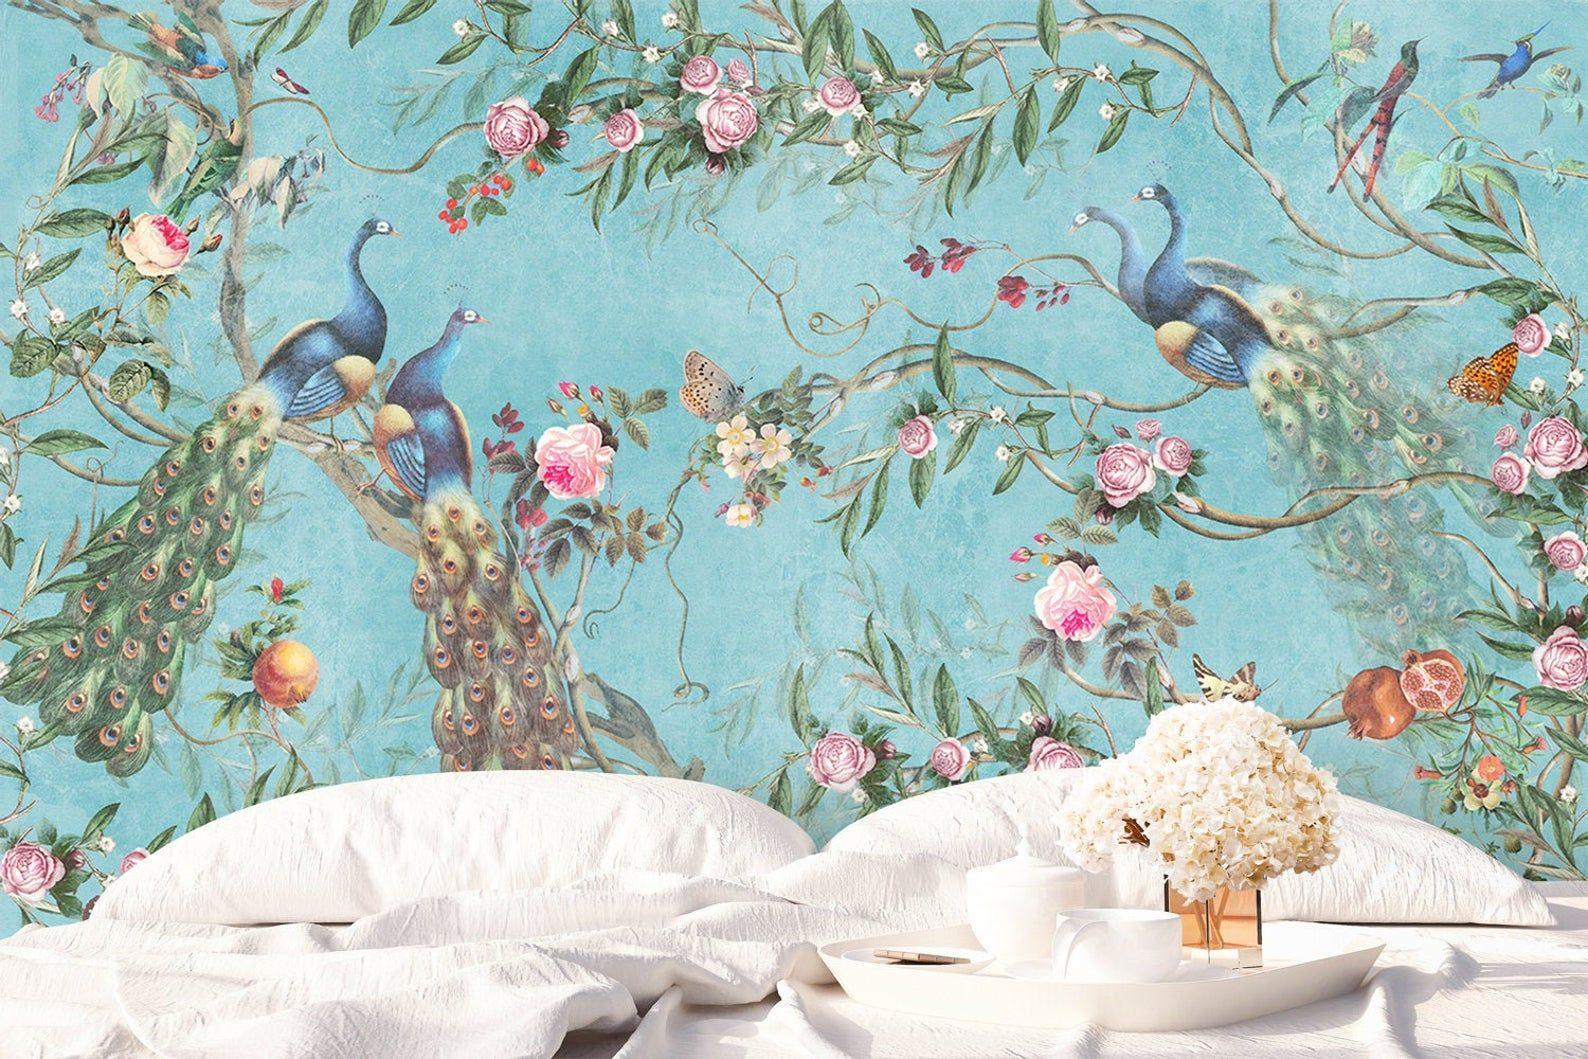 Floral Wallpaper Self Adhesive Peel And Stick Peacock Wall Etsy In 2021 Peacock Wallpaper Floral Wallpaper Mural